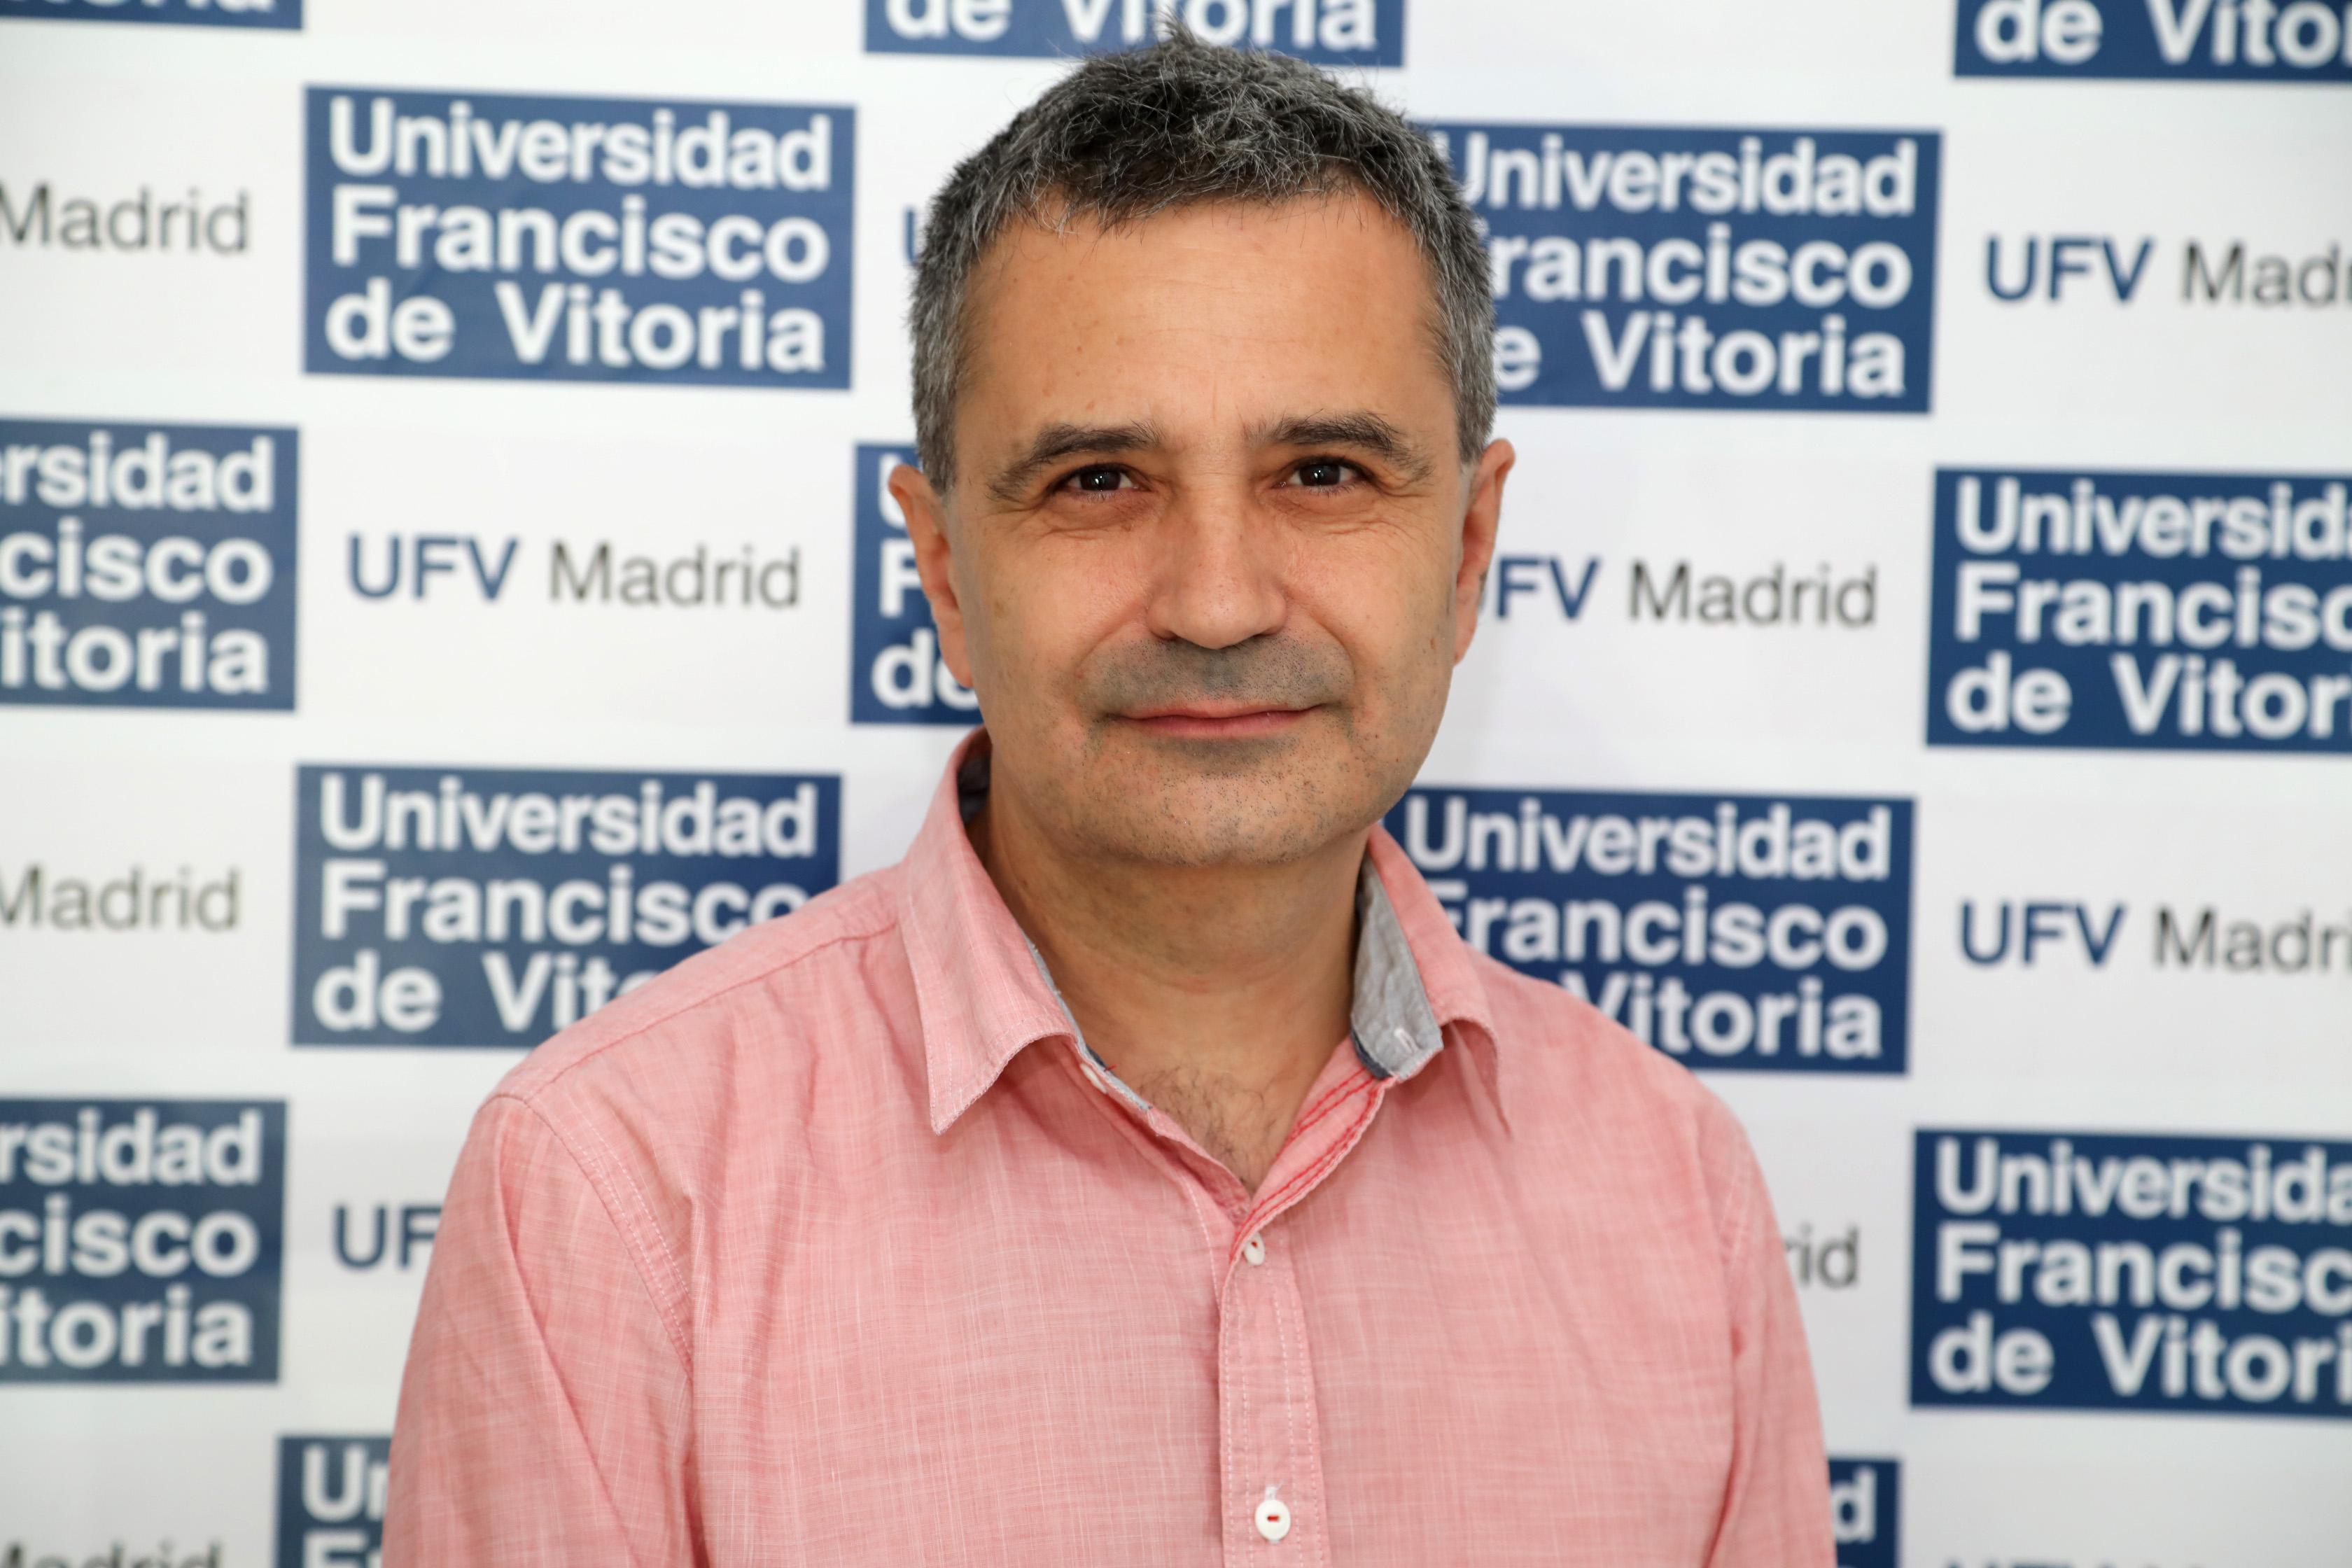 Fernando Berrendero El profesor Fernando Berrendero analiza la exposición al cannabis y estrés durante la adolescencia